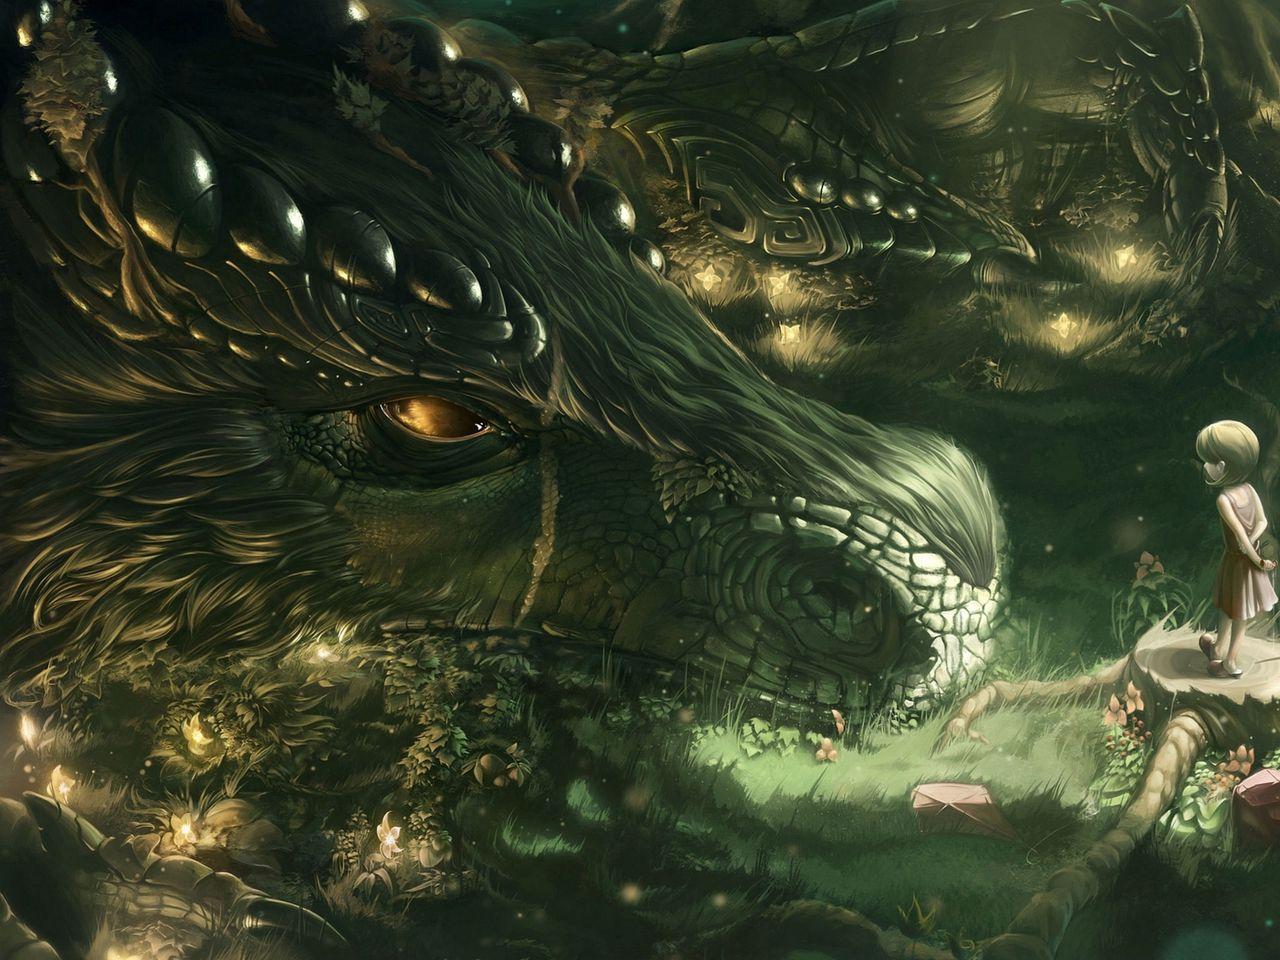 1280x960 Wallpaper dragon, girl, forest, art